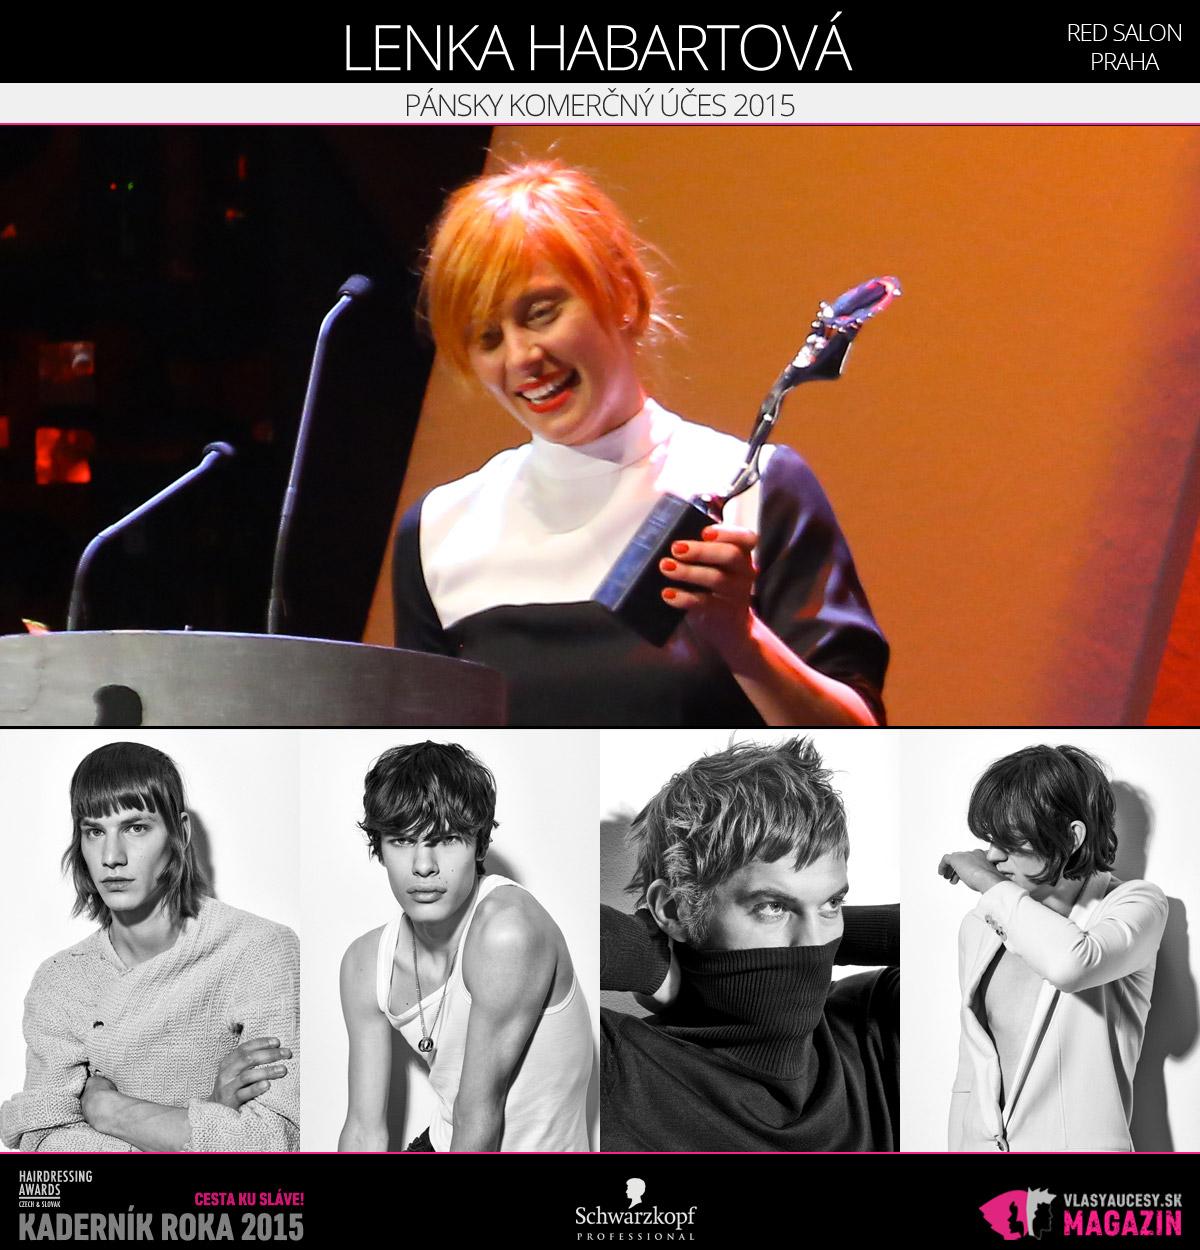 Víťazom v kategórii Pánsky komerčný účes Czech and Slovak Hairdressing Awards 2015 je Lenka Habartová zo salónu RED salón v Prahe.